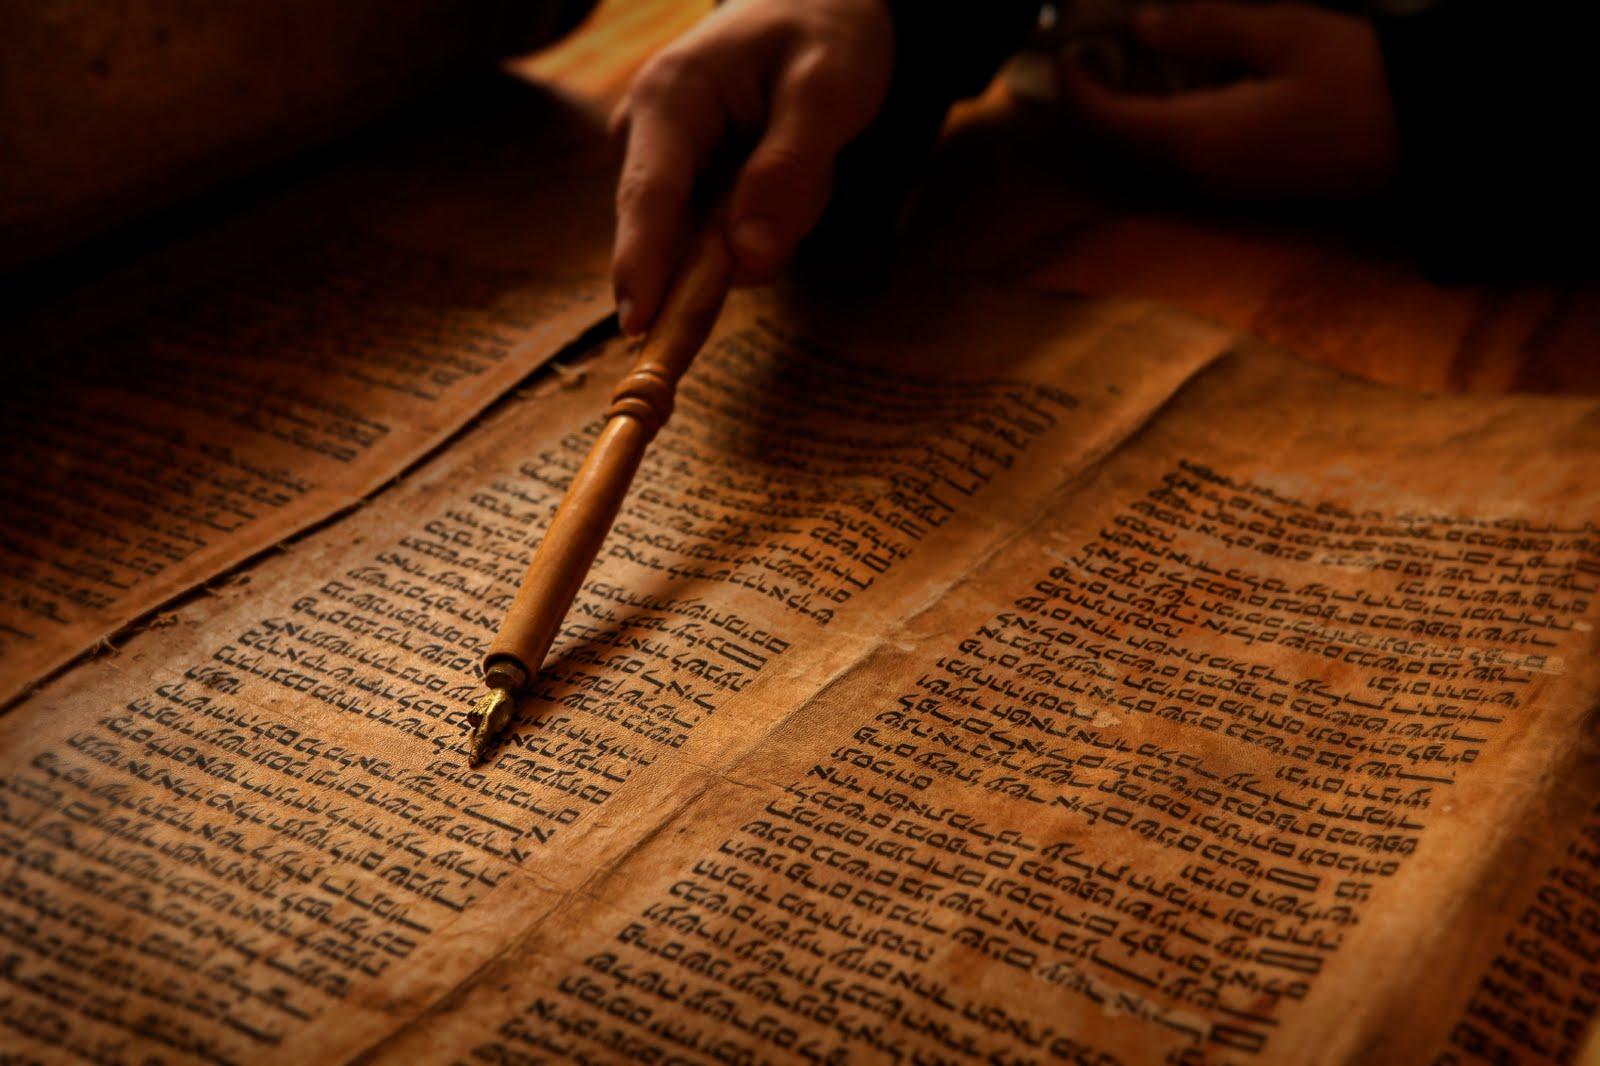 Trebaju li se kršćani slagati u vezi prvih poglavlja Postanka